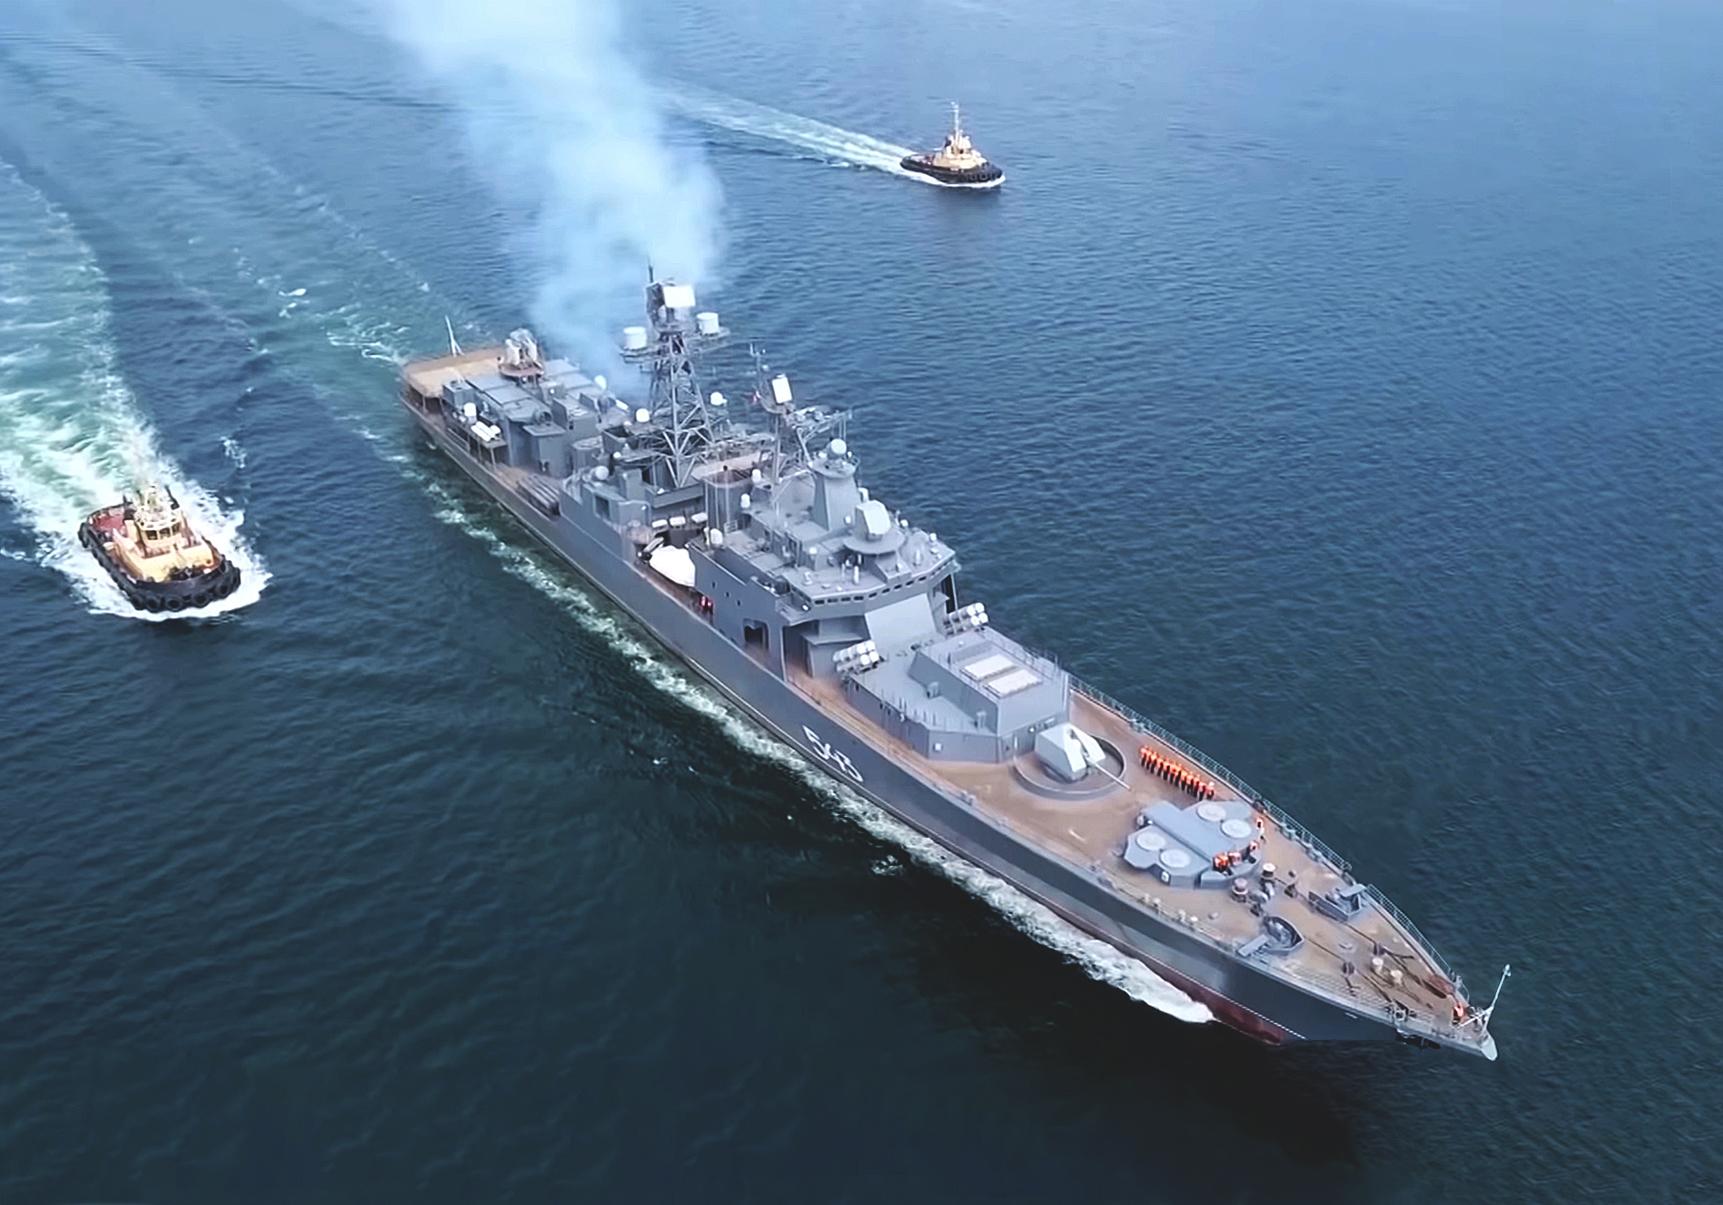 Udaloy and Sovremennyy destroyers - Page 15 11-8822085-1155-marshal-shaposhnikov-